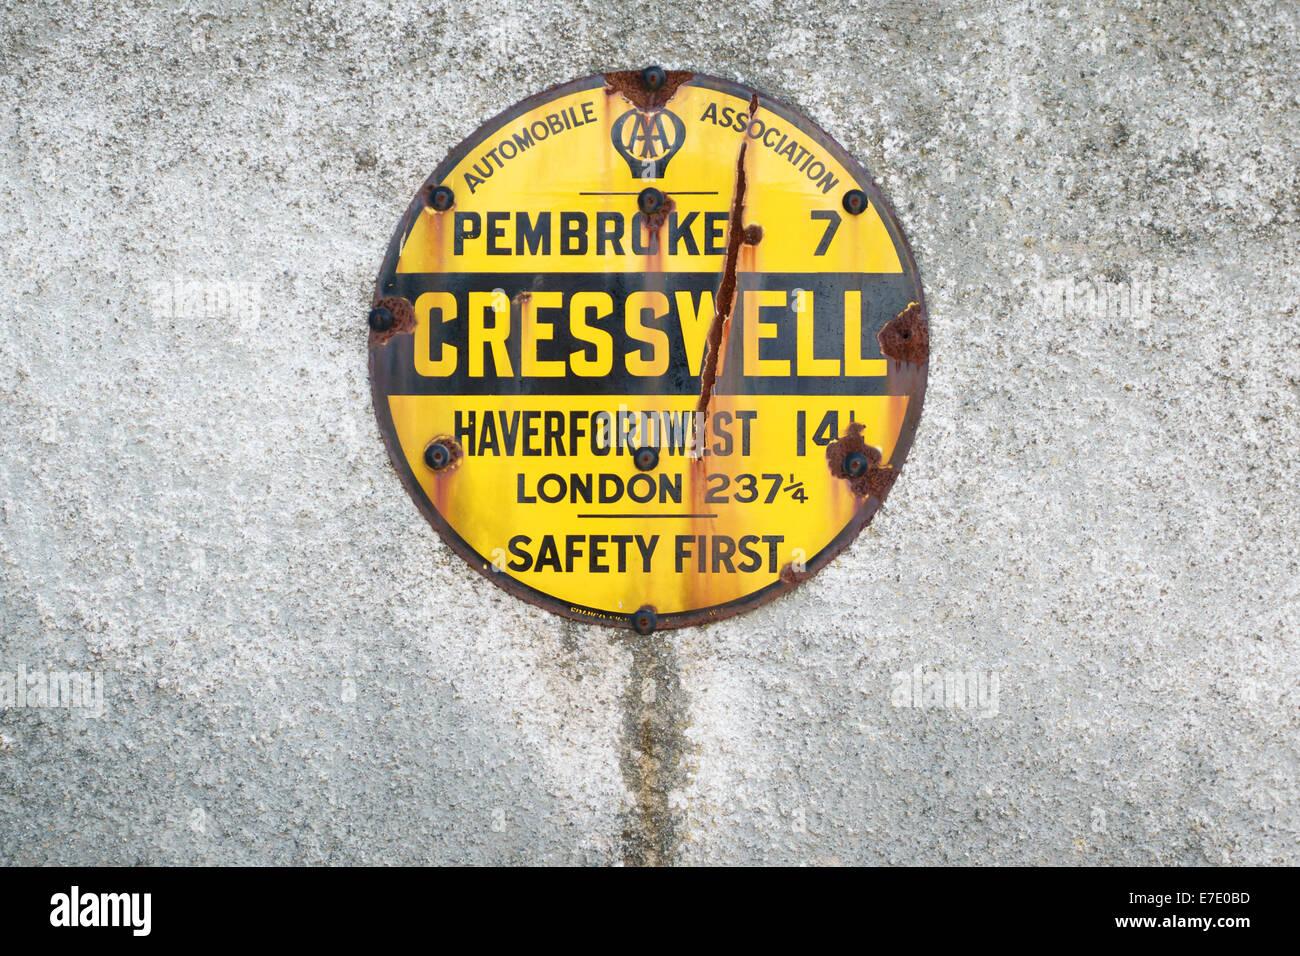 Un vieux AA (Automobile Association) panneau jaune à Cresswell Quay, Pembrokeshire, Pays de Galles, Royaume Photo Stock